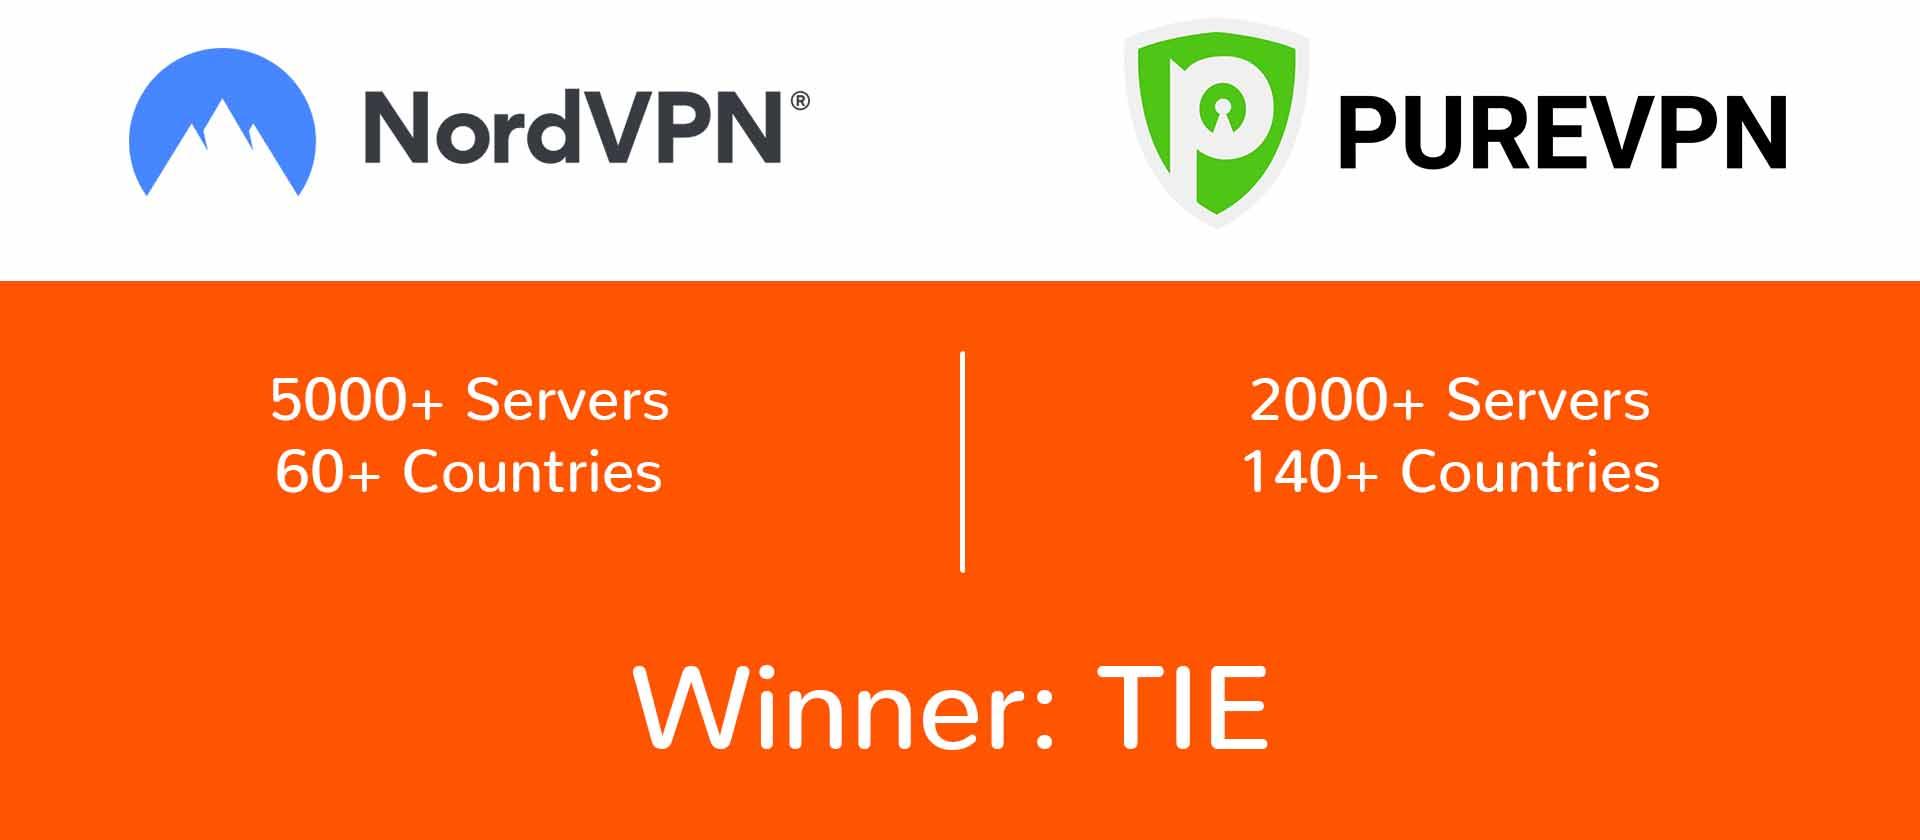 NordVPN vs PureVPN servers